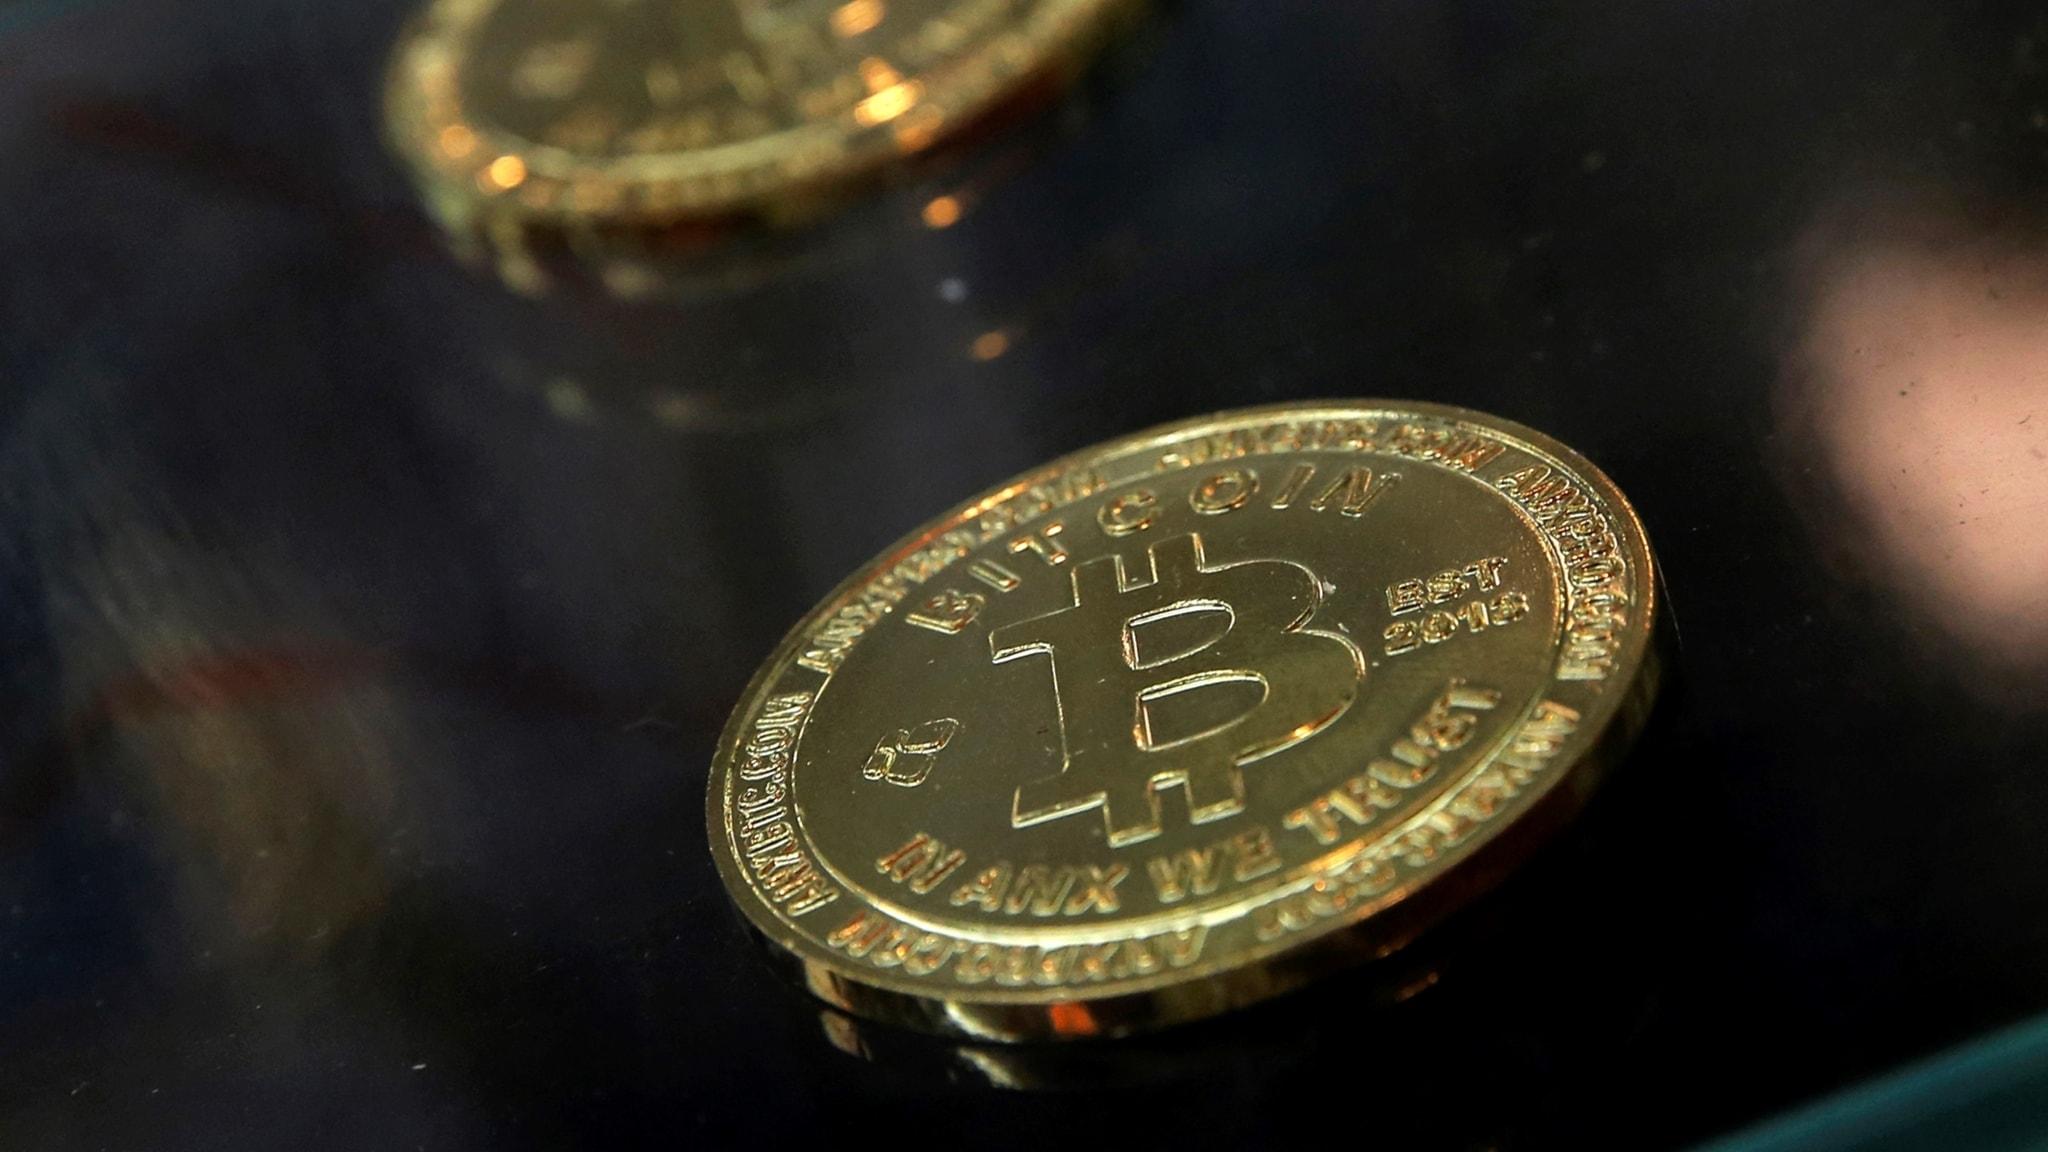 Bitcoin, en bubbla? Julunderhållning med pengatema och ekonomisk jämställdhet